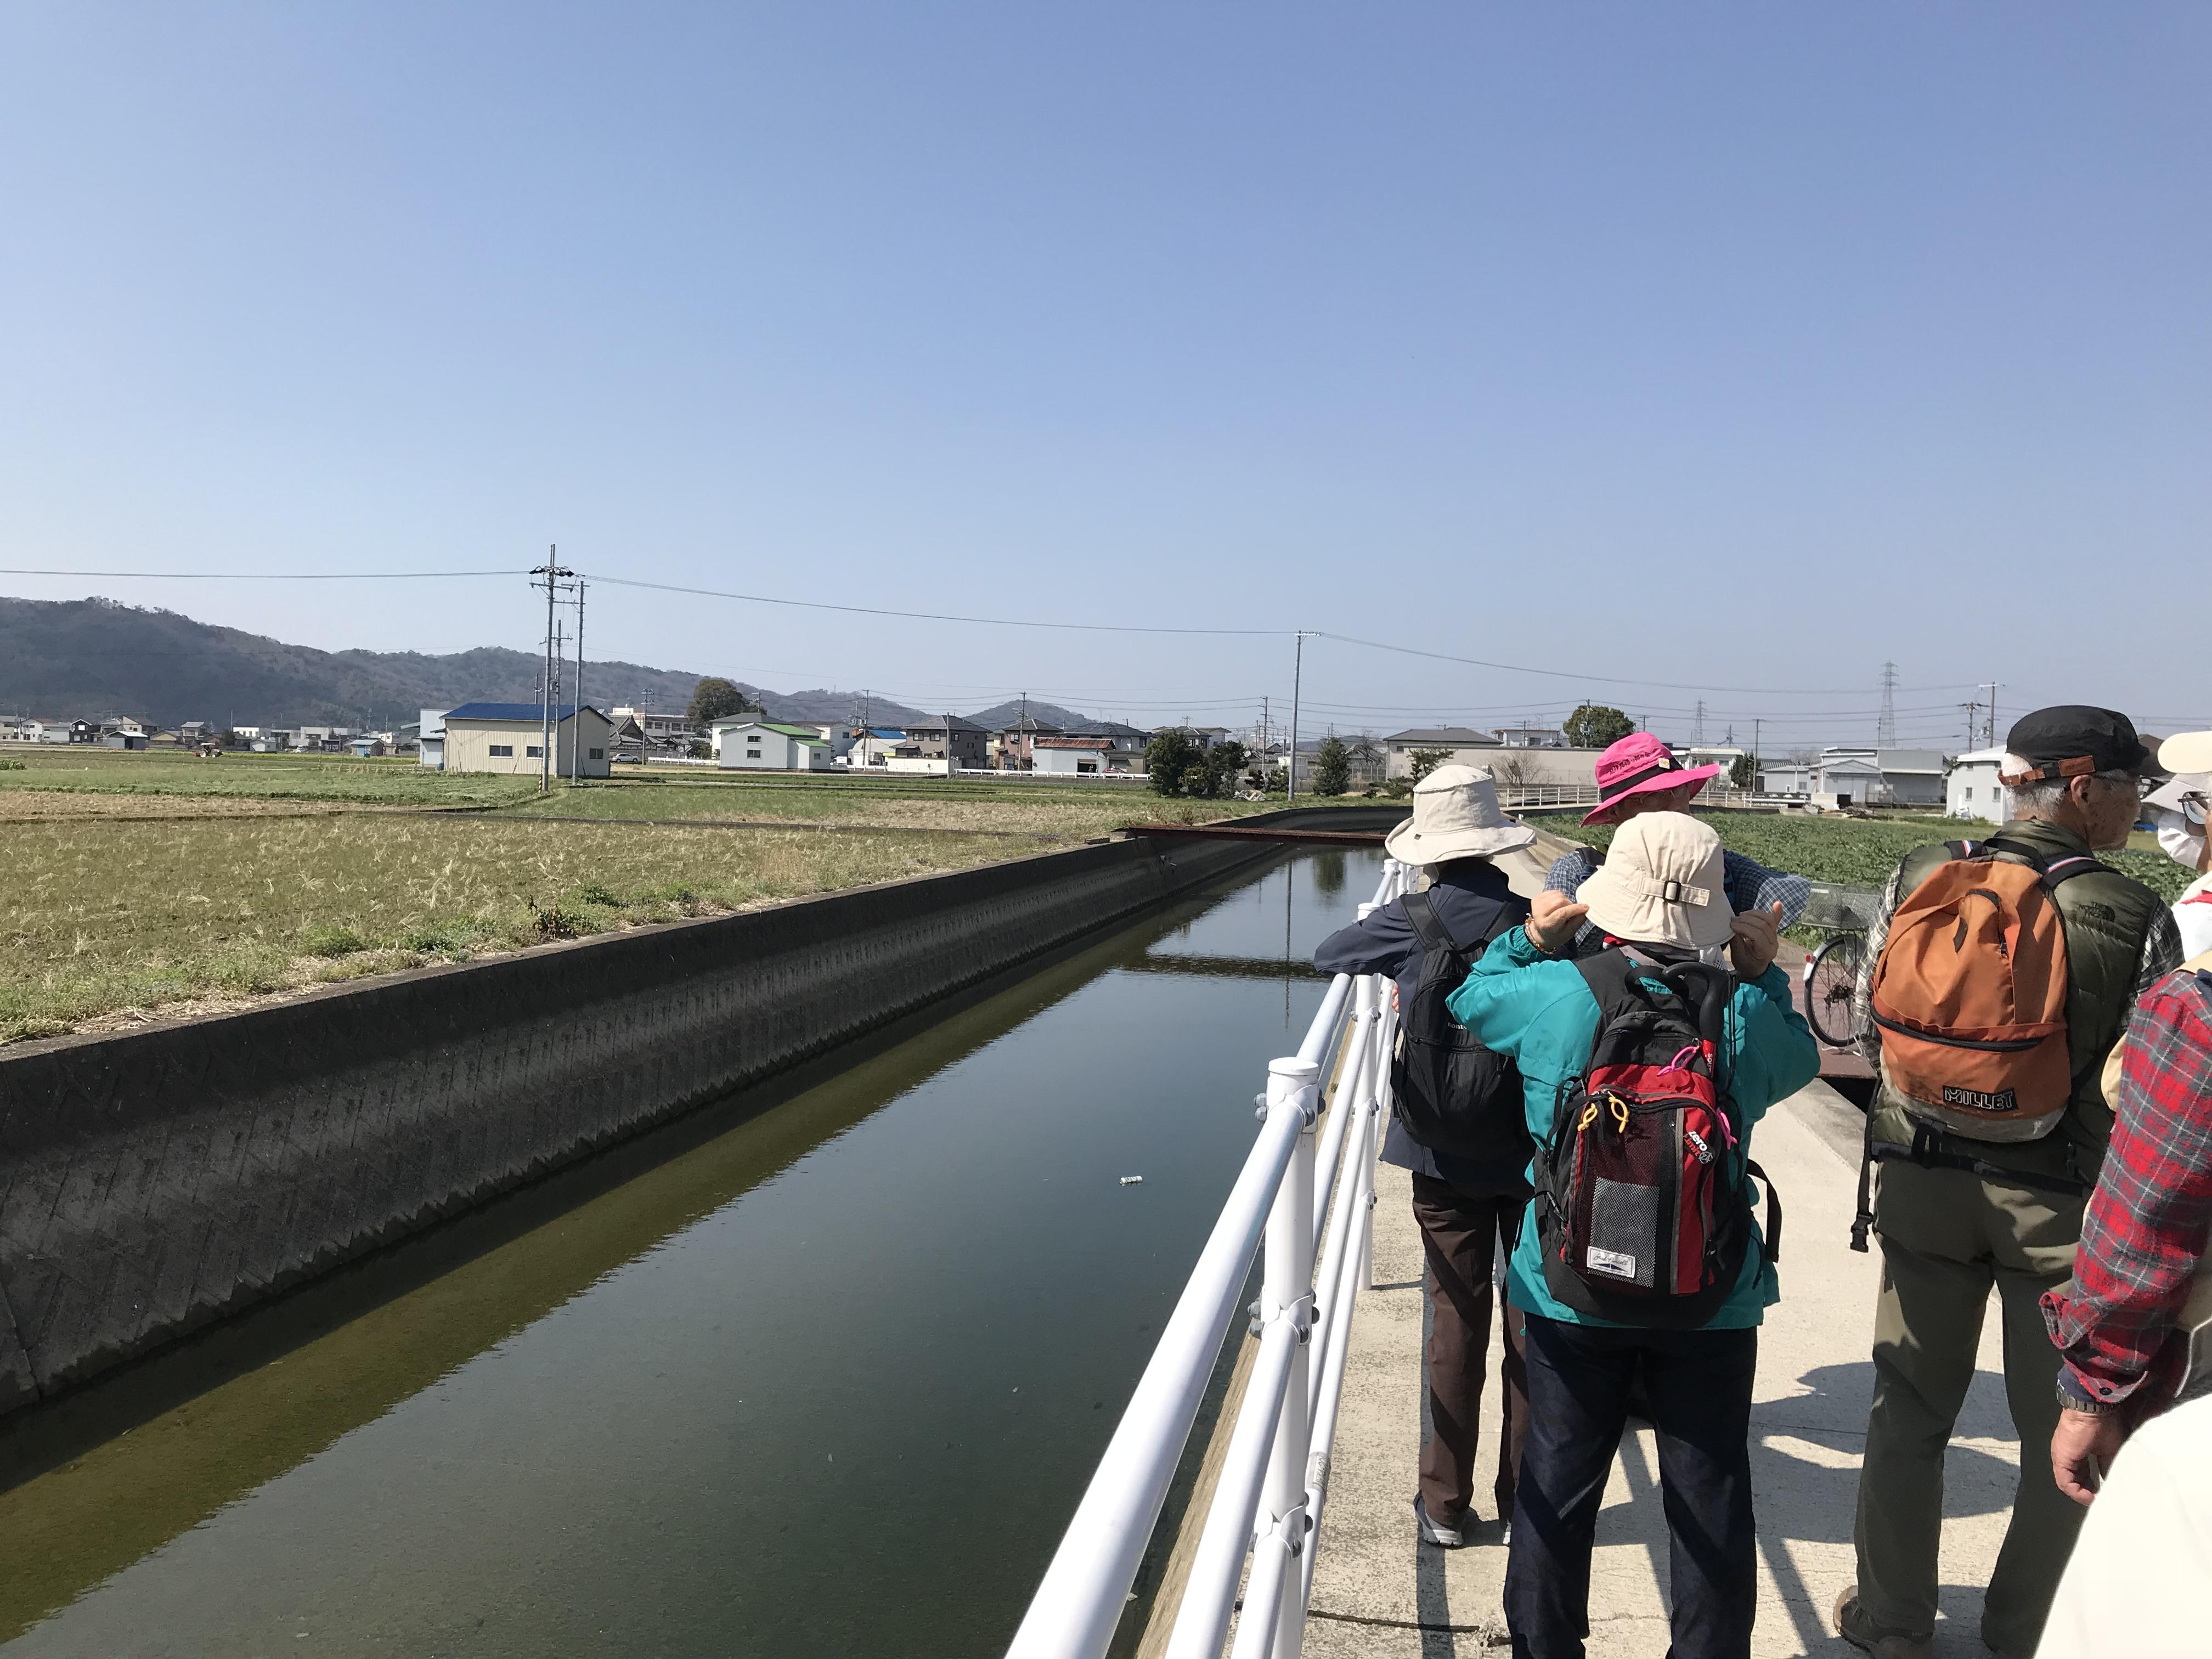 紀伊路もいかが?新たな熊野古道をはじめたよ! ①紀伊路130kmウォーク(布施屋~伊太祁曽)